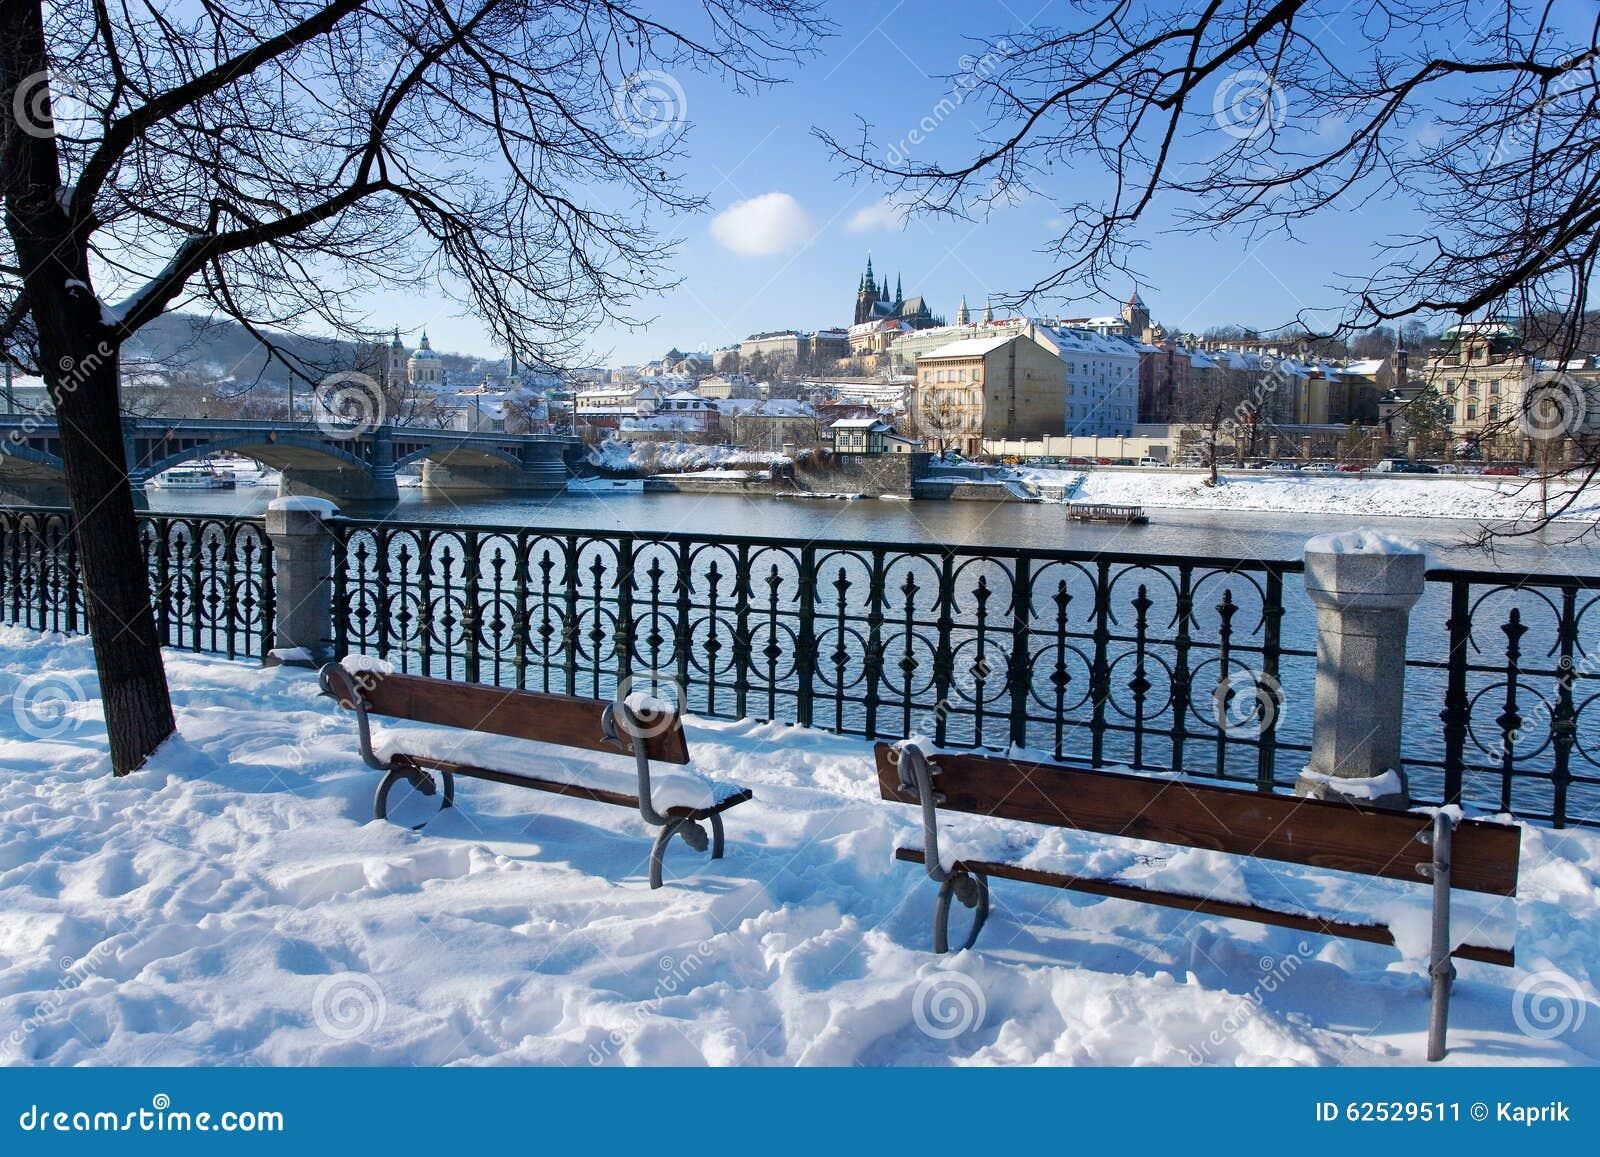 布拉格城堡和Moldau河,布拉格(联合国科教文组织),捷克共和国